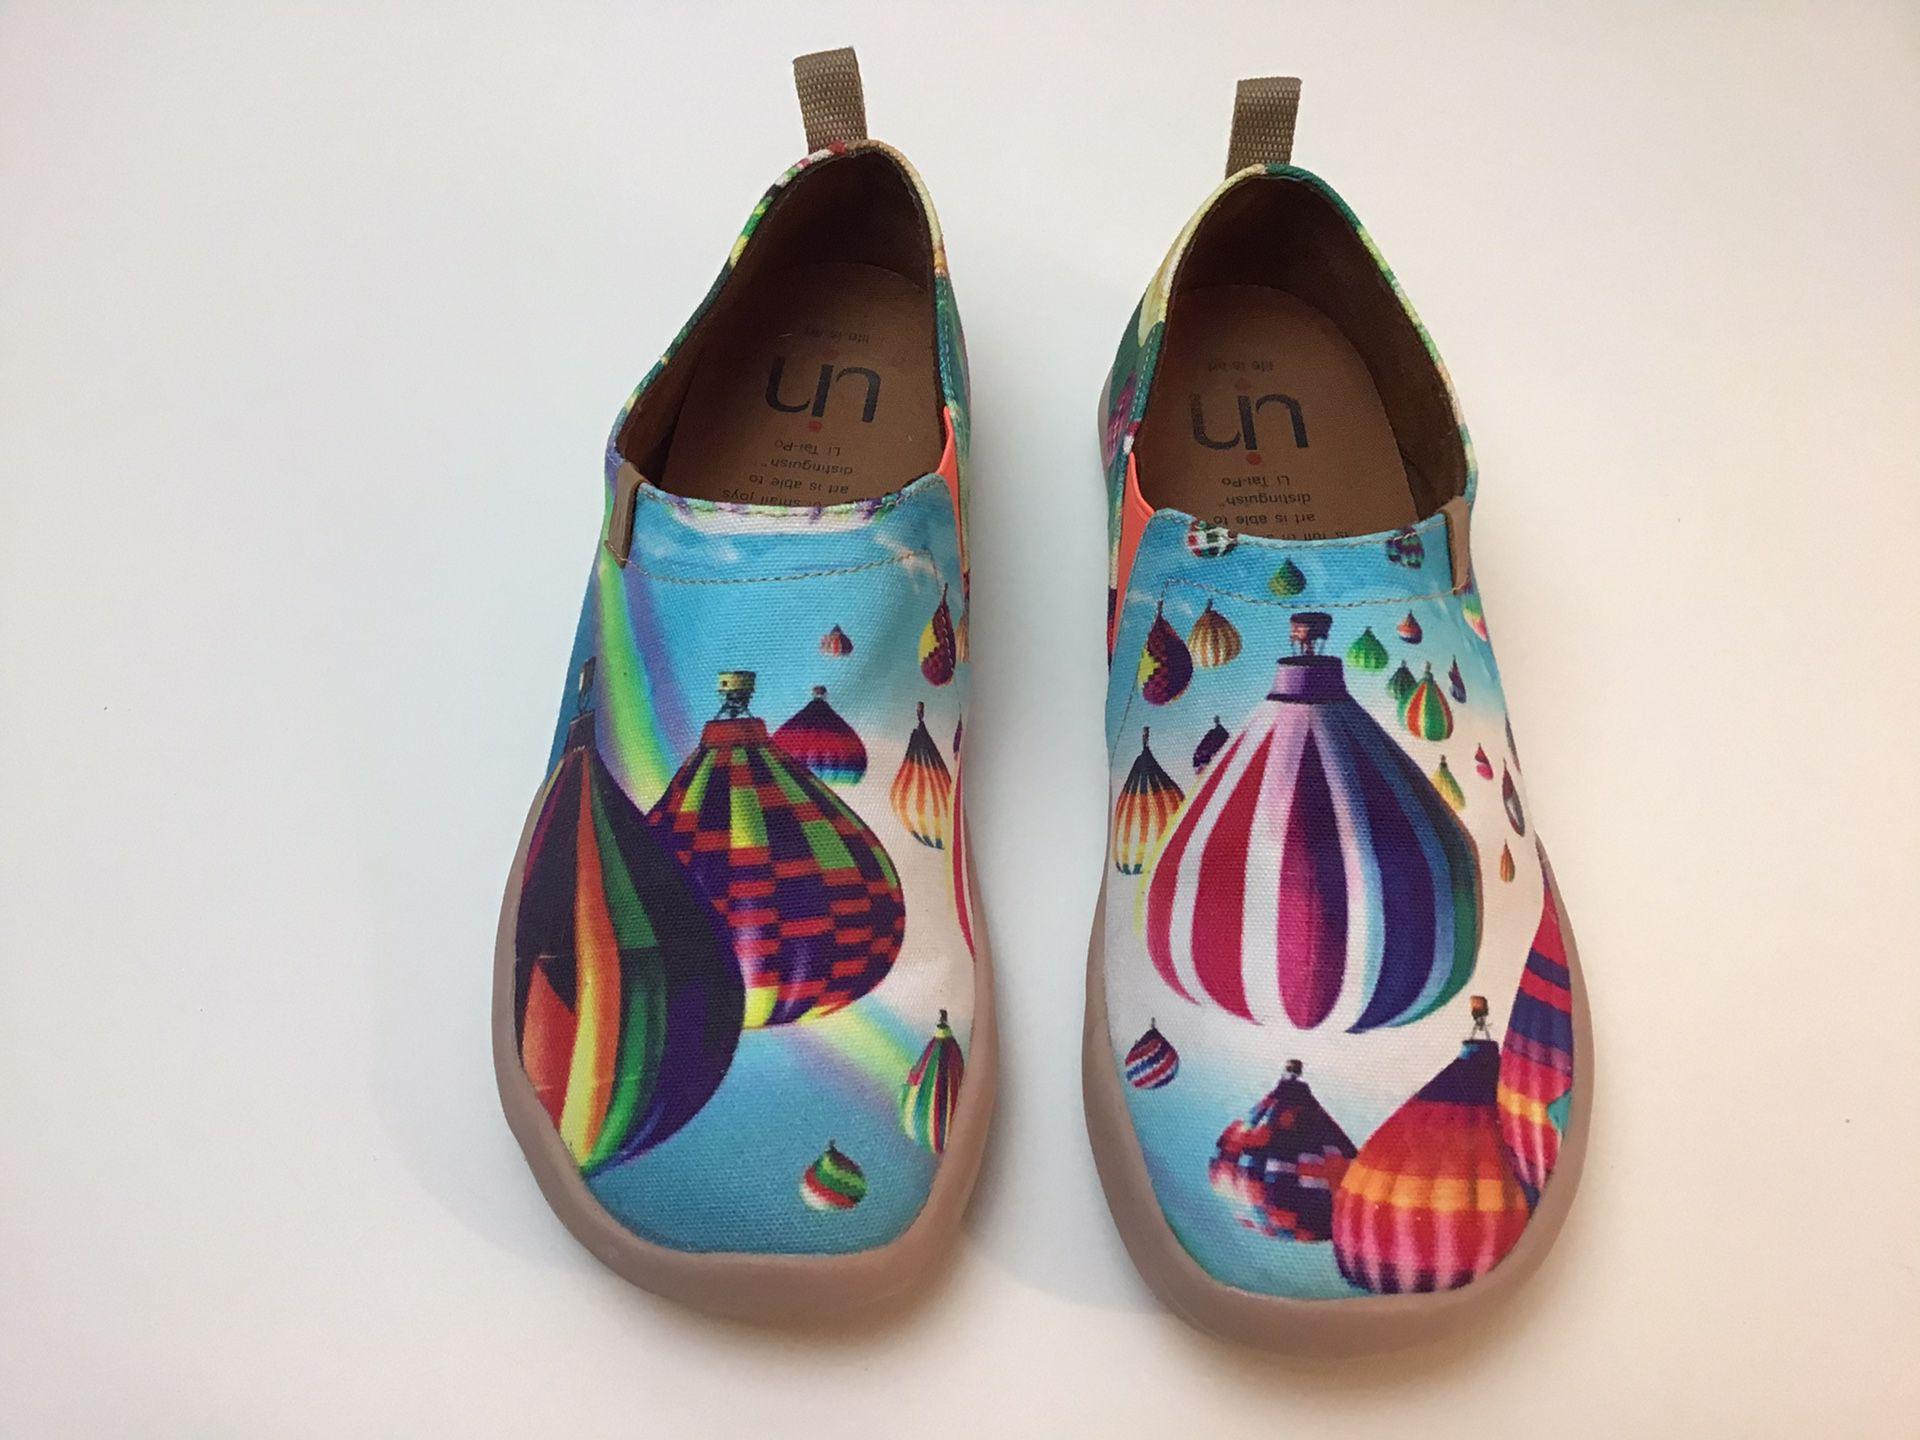 UN Art shoes hot air balloons women's 9